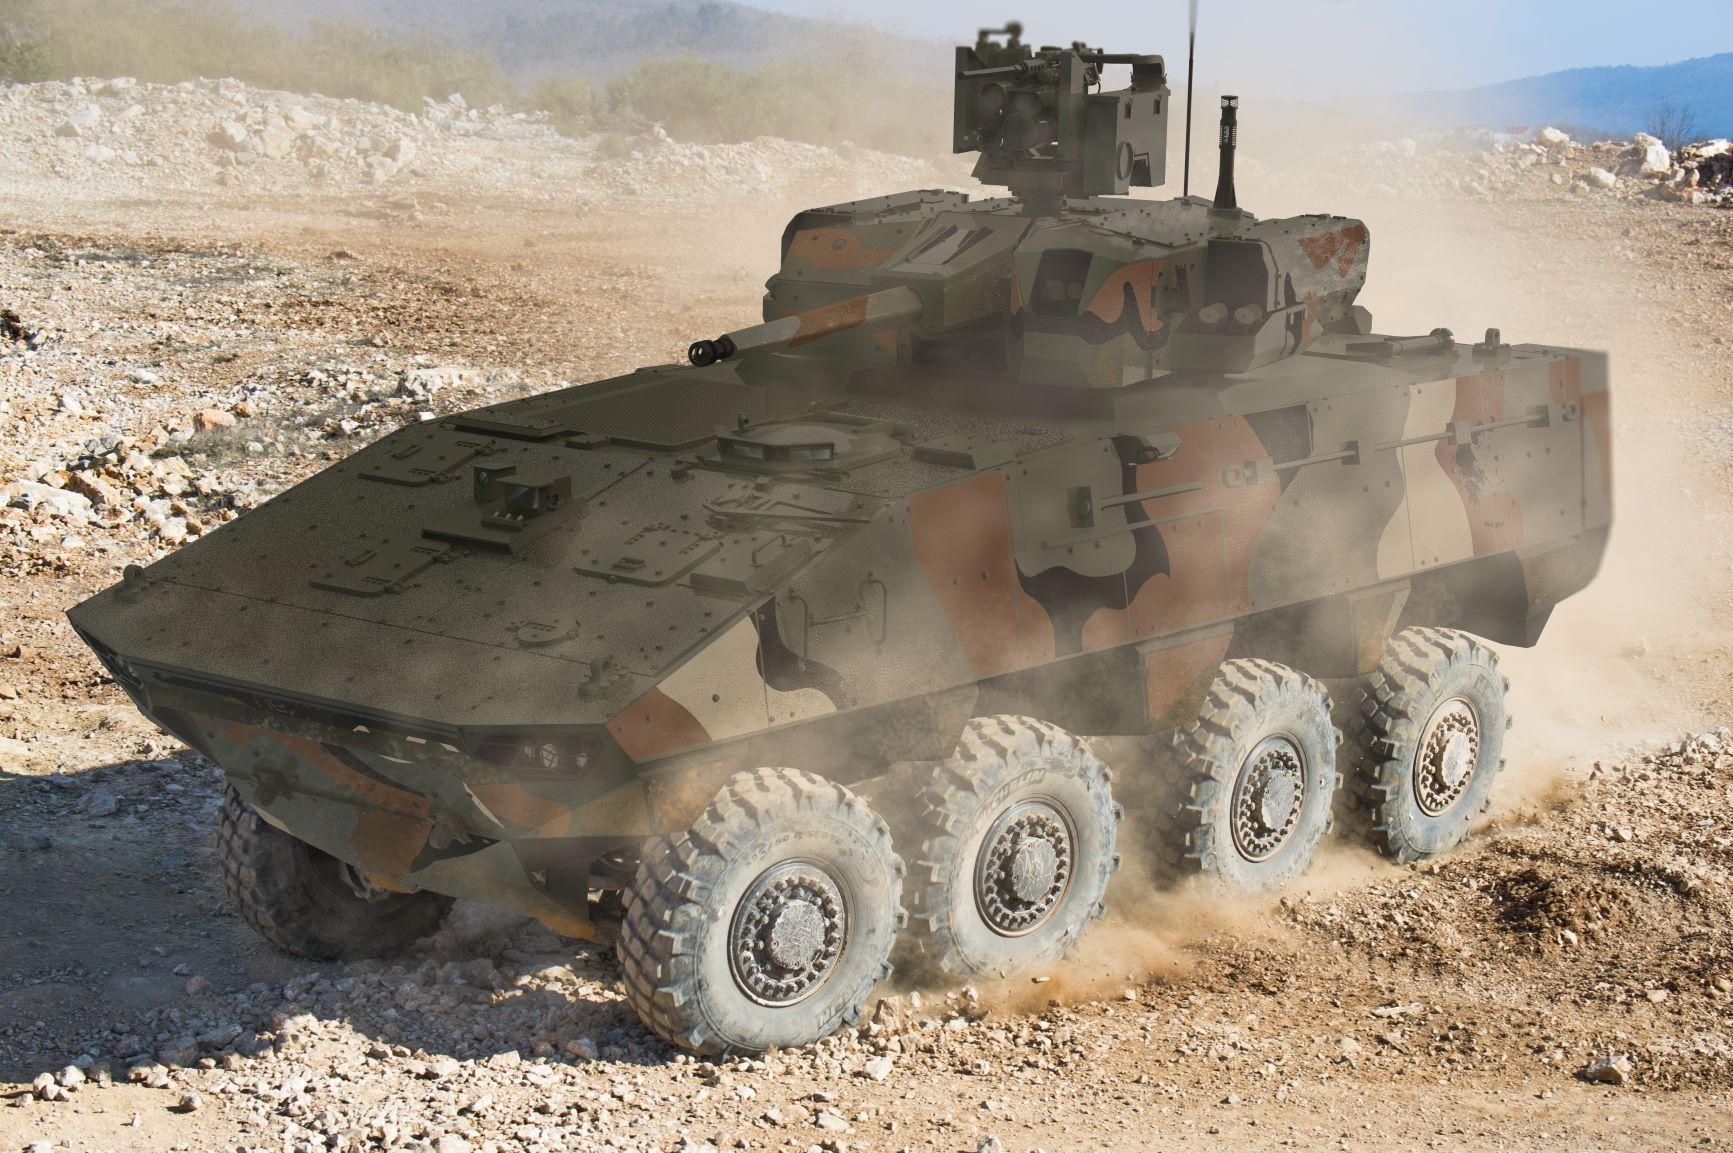 Nexter Launches VBCI Philoctetes 8X8 Infantry Combat System at DEFEA 2021